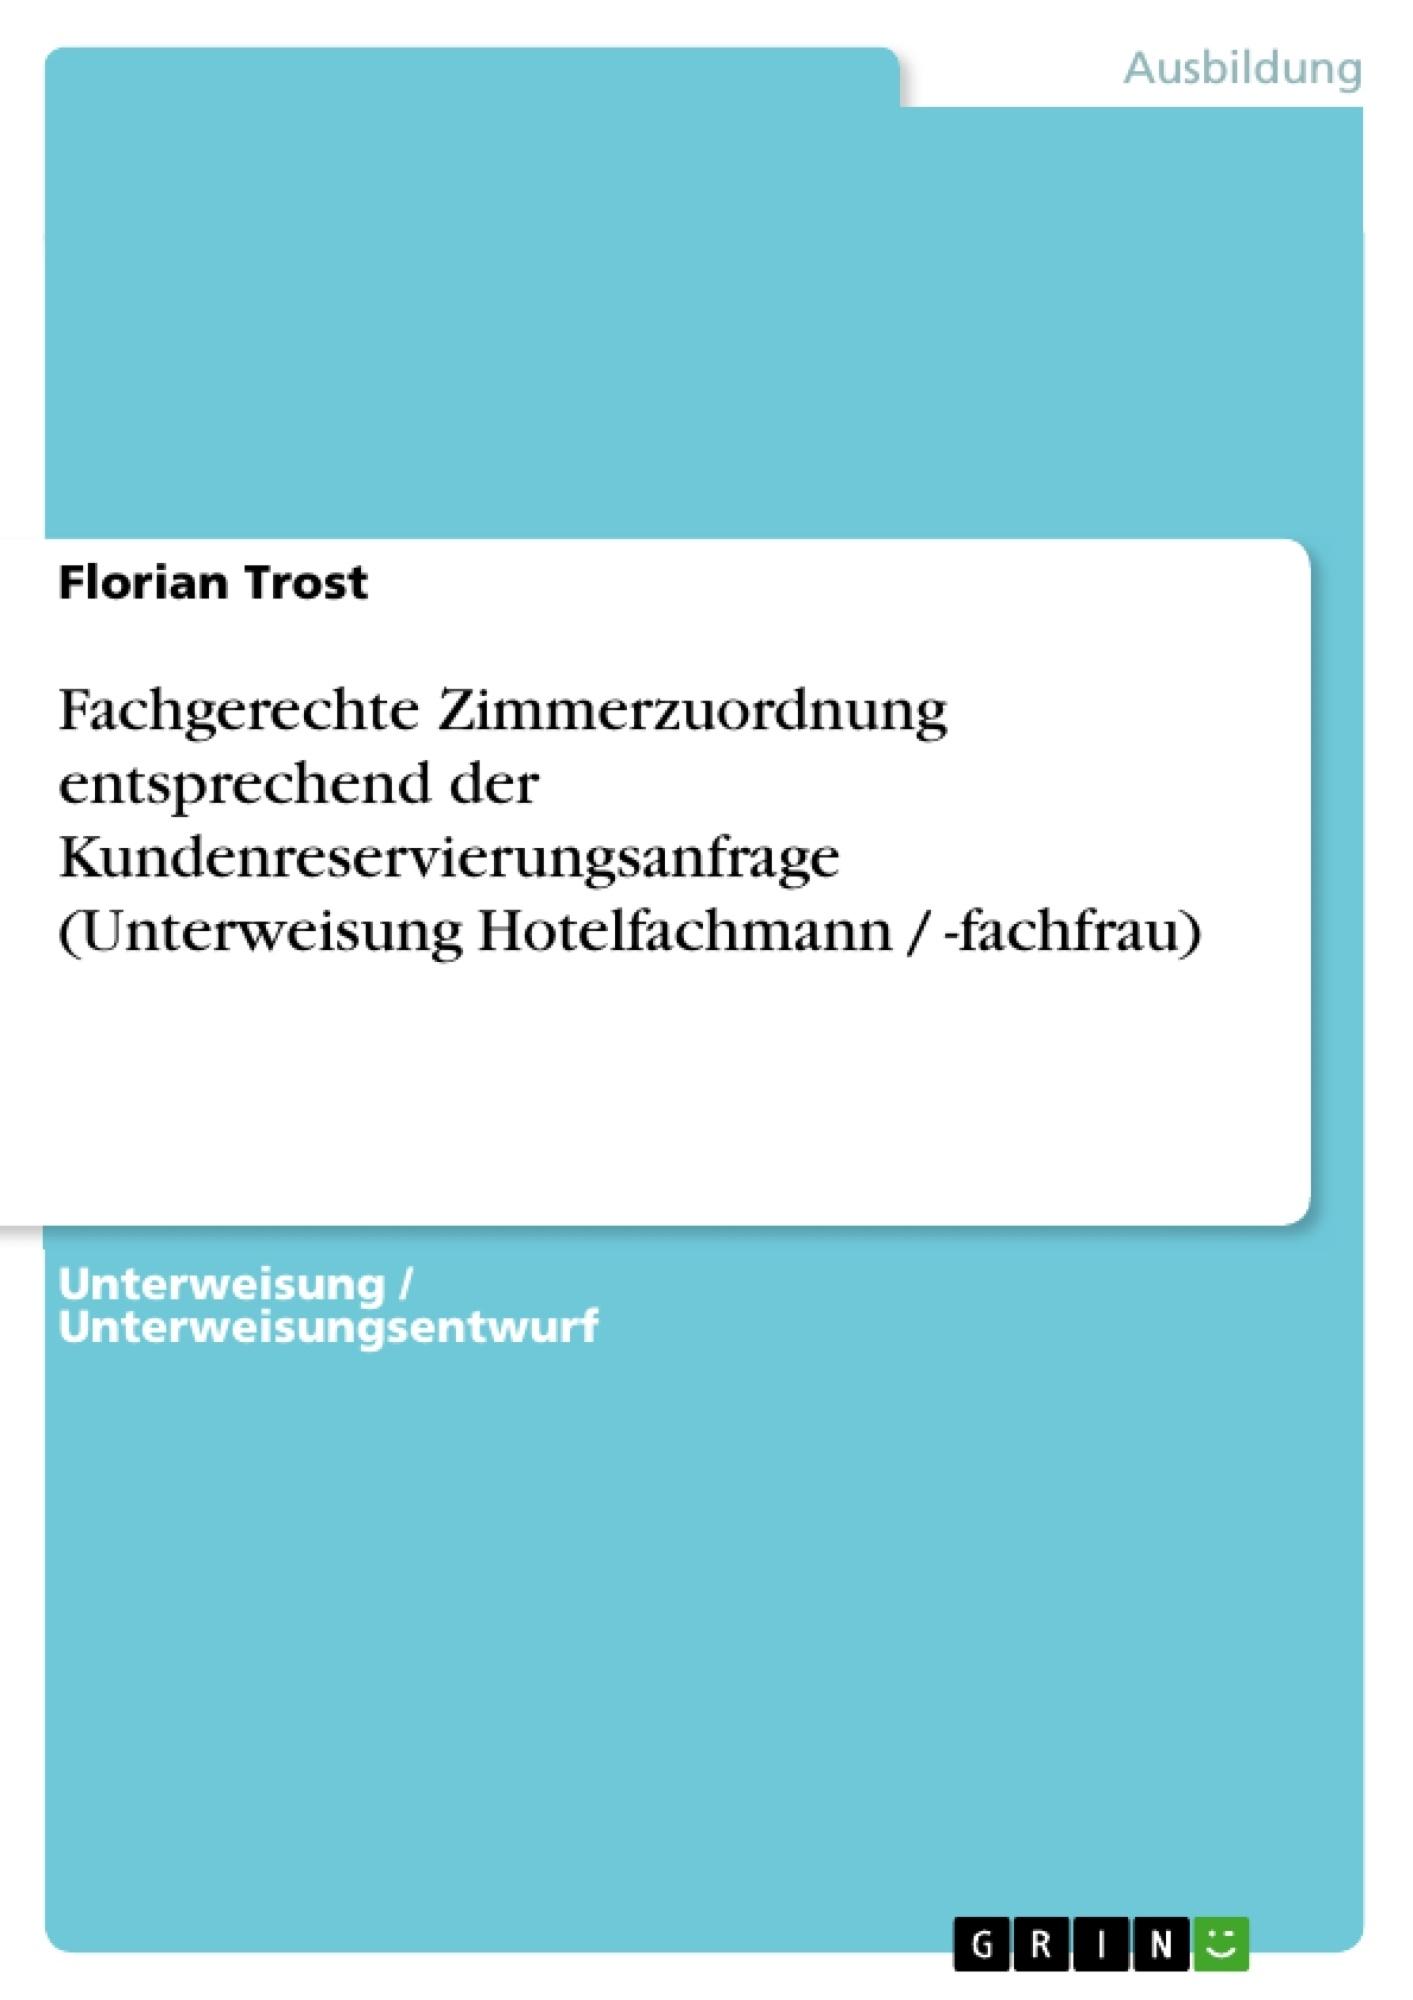 Titel: Fachgerechte Zimmerzuordnung entsprechend der Kundenreservierungsanfrage (Unterweisung Hotelfachmann / -fachfrau)